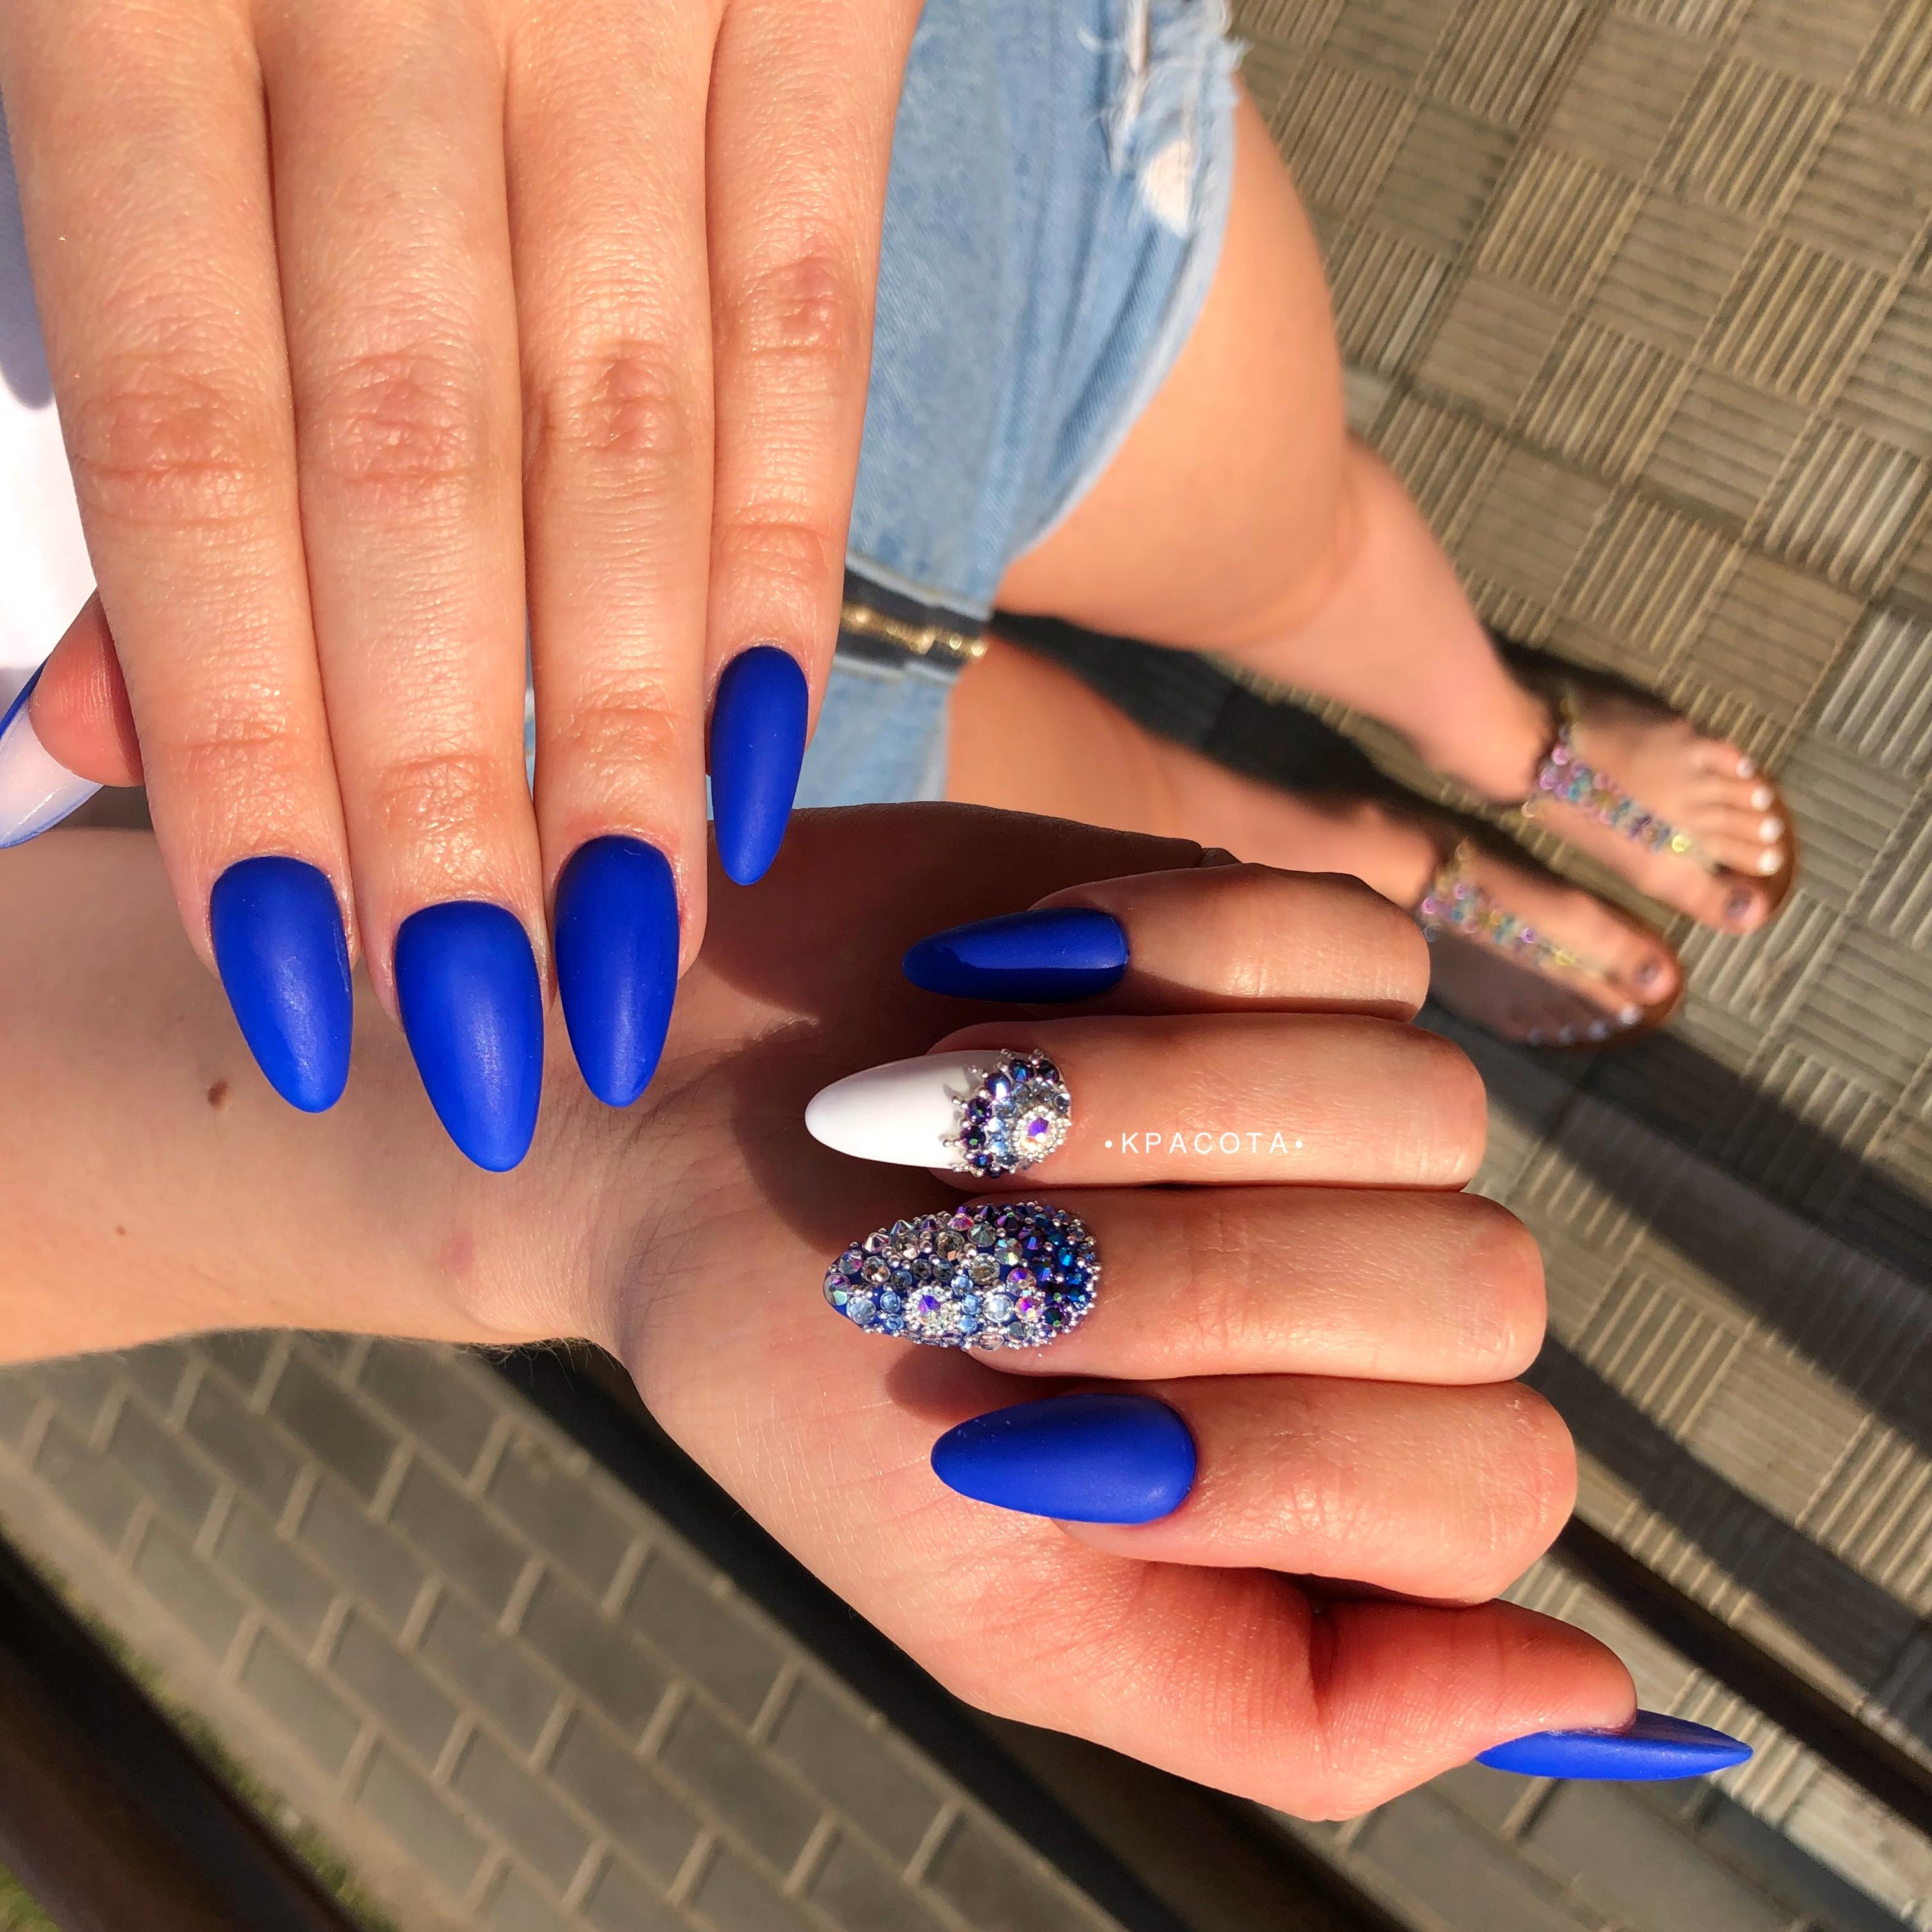 Матовый маникюр со стразами в синем цвете на длинные ногти.